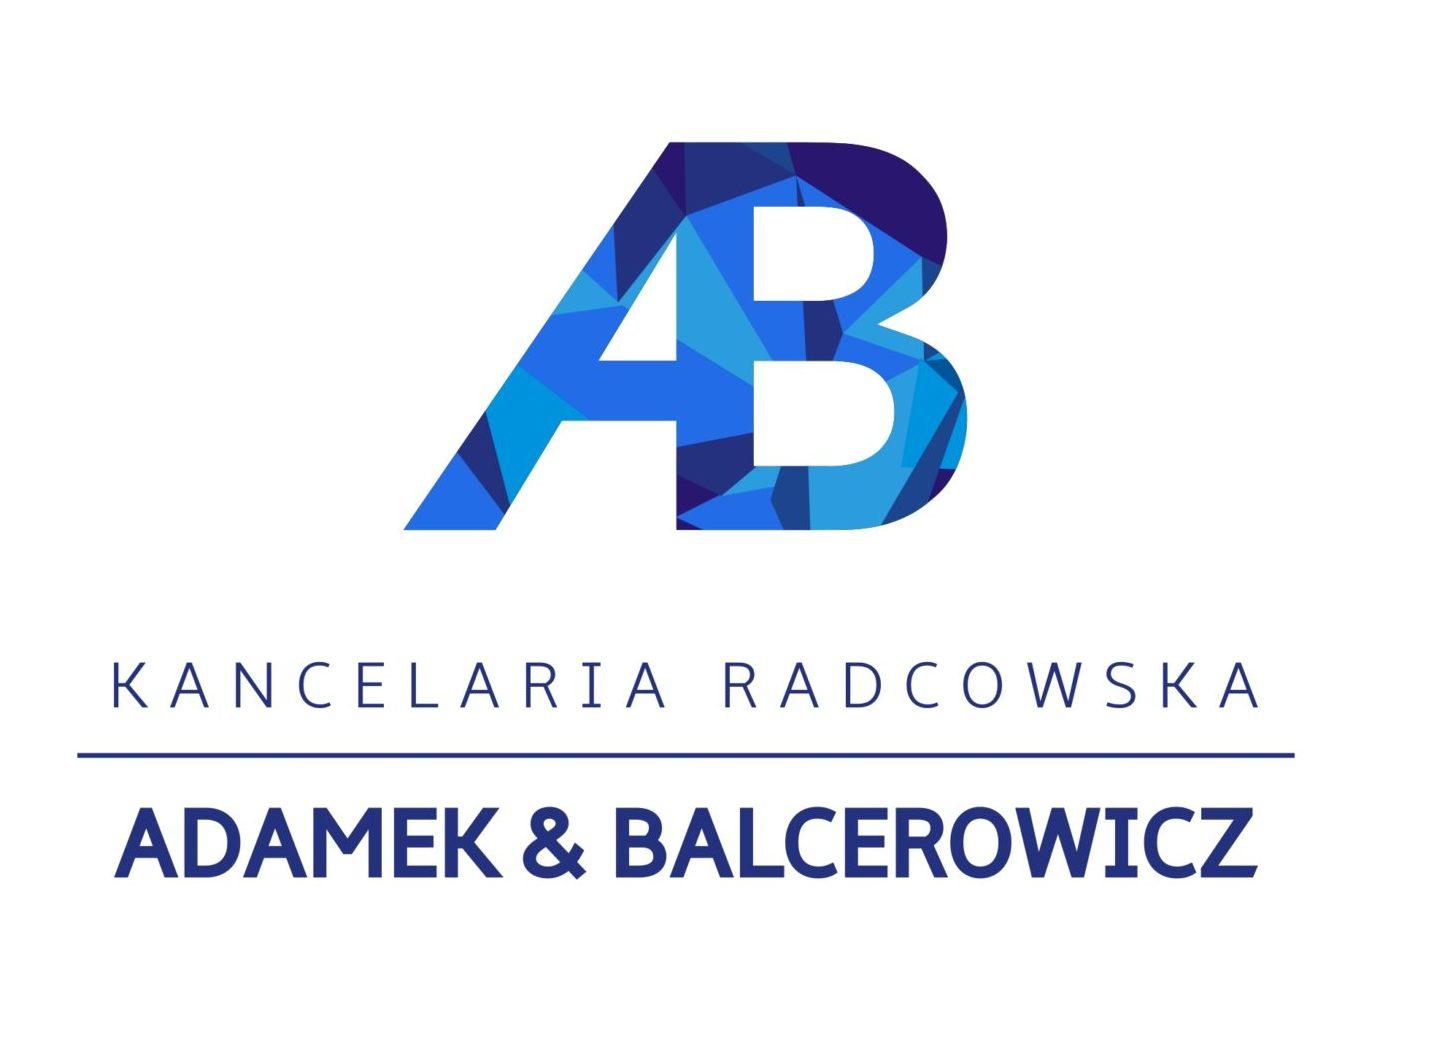 Adamek&Balcerowicz